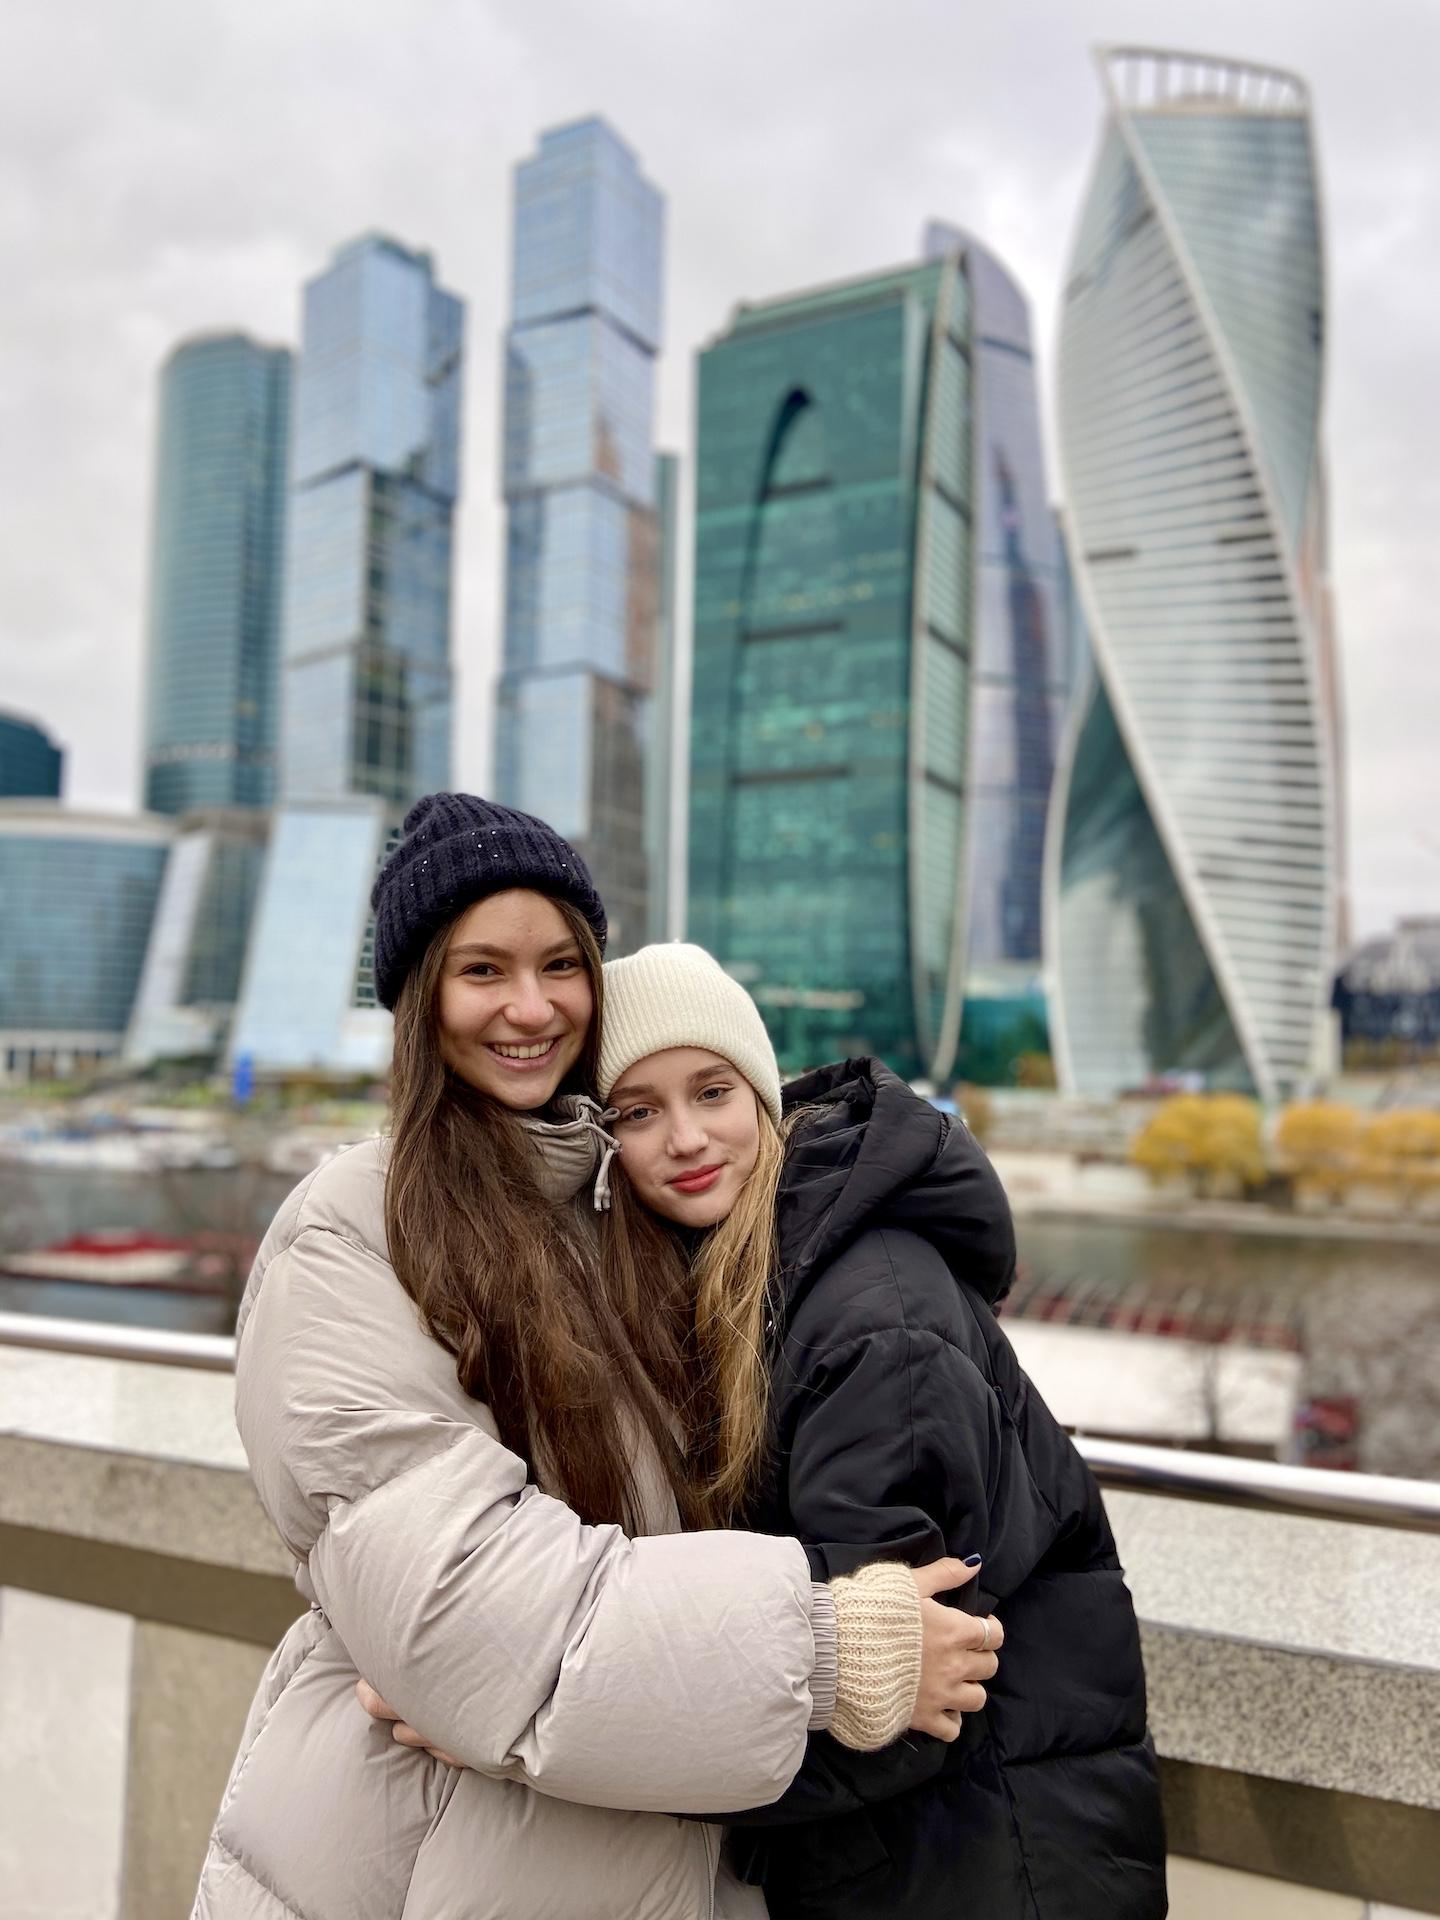 ТерраКидсМосква_9288.ТерраКидс_Москва